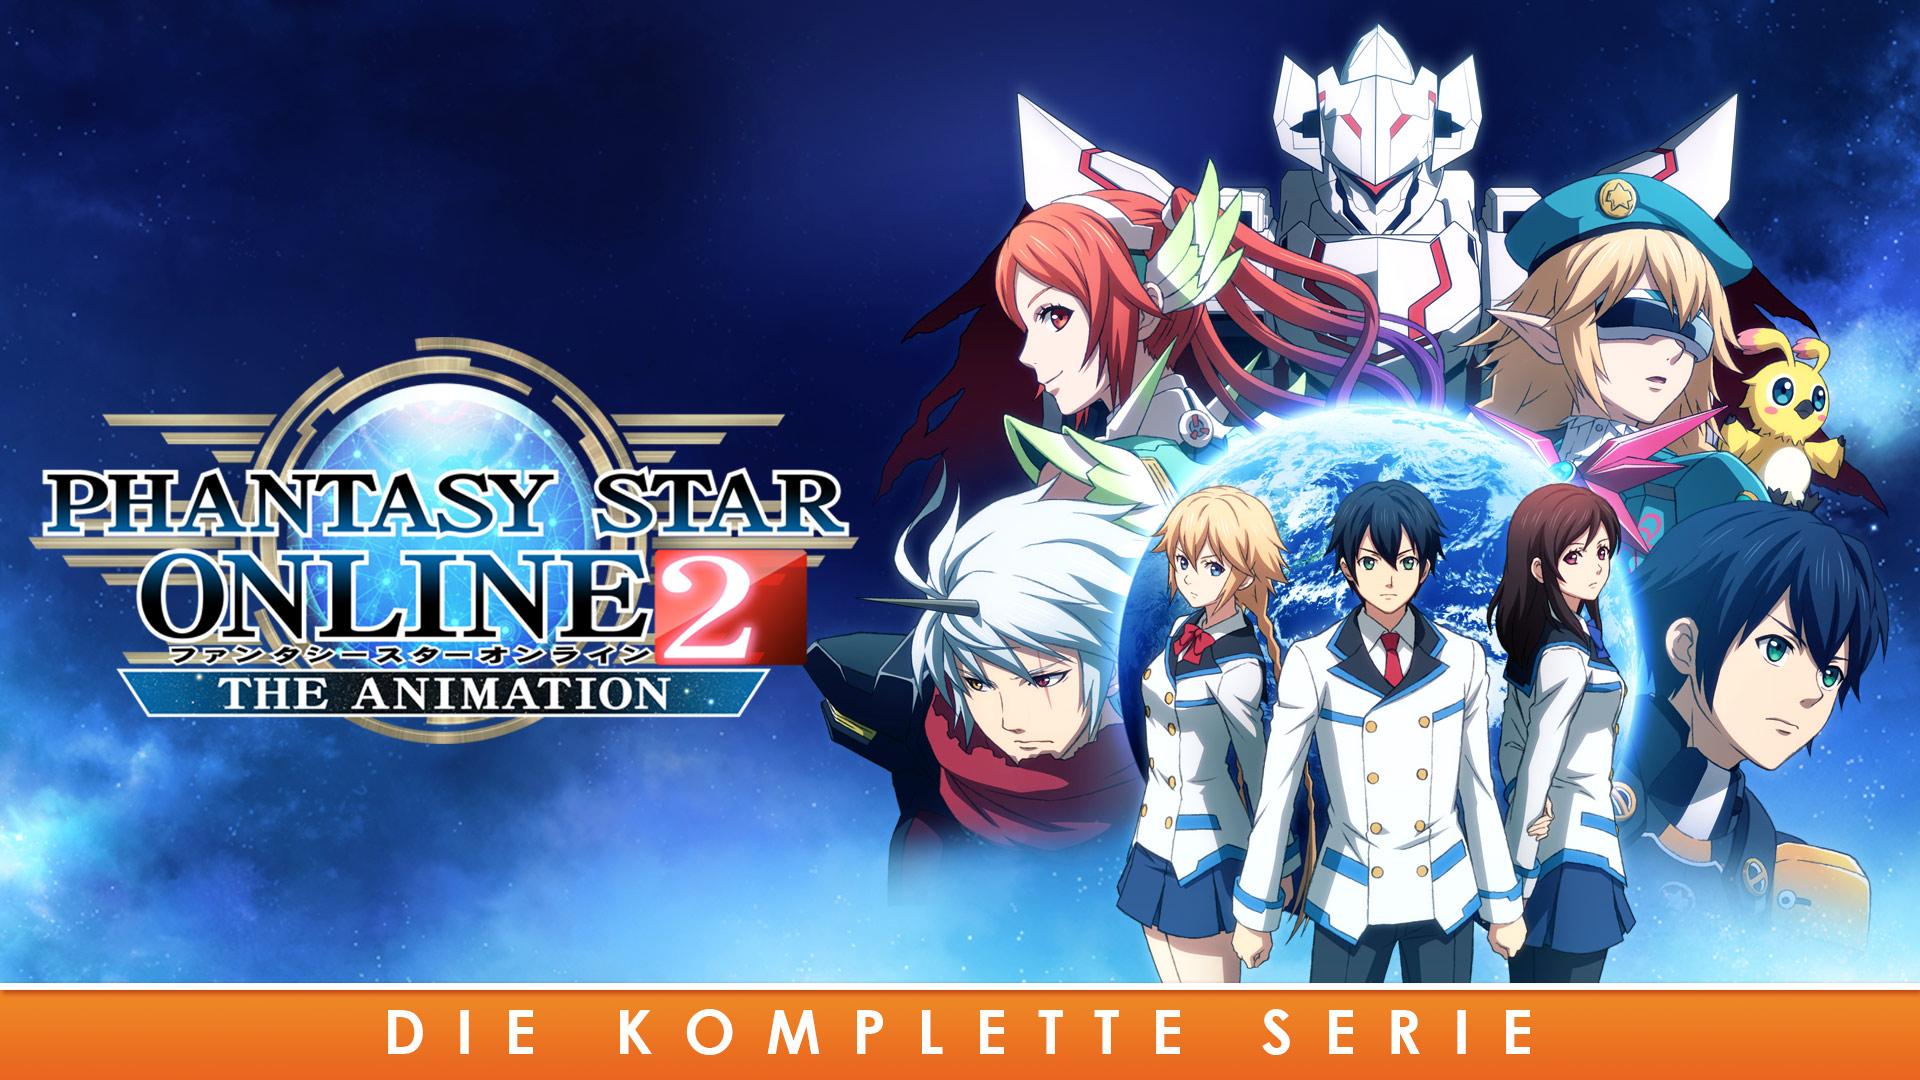 Phantasy Star Online 2 - Die komplette Serie